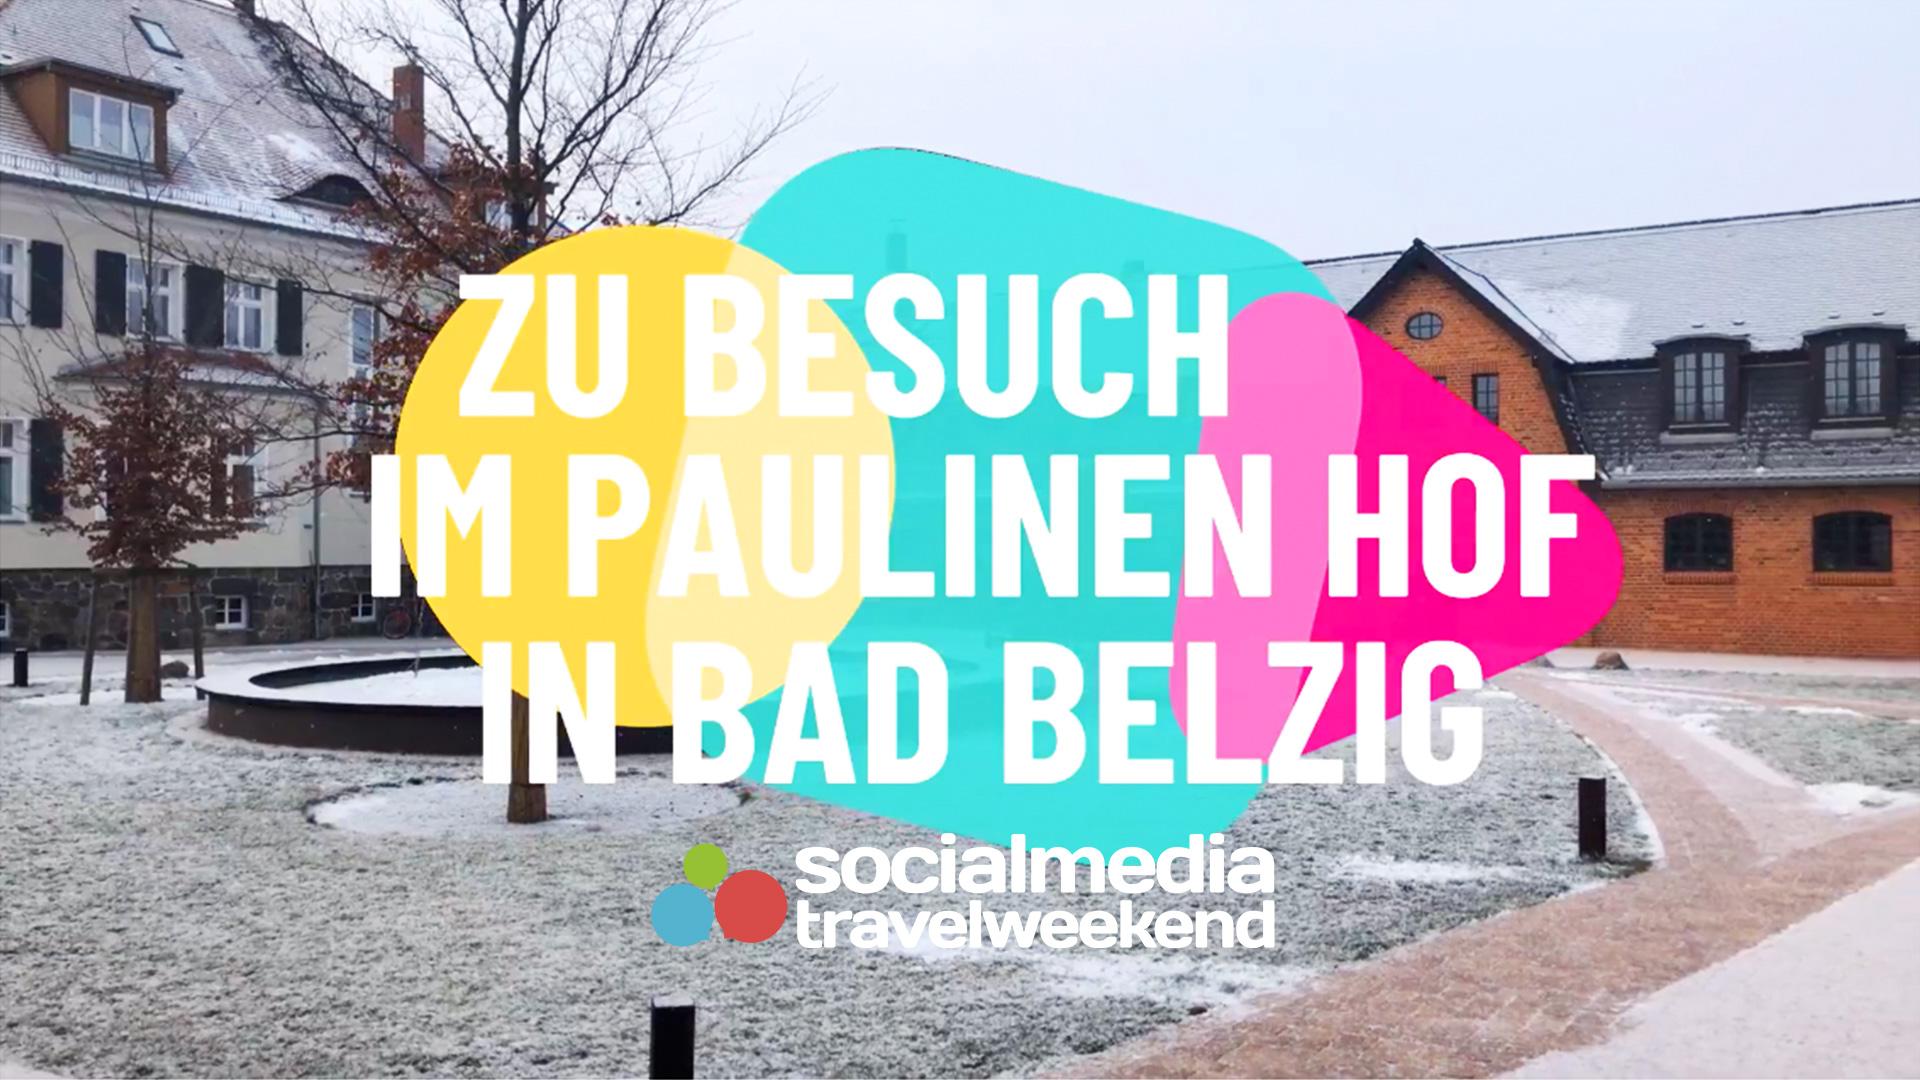 social media travel weekend in Bad Belzig